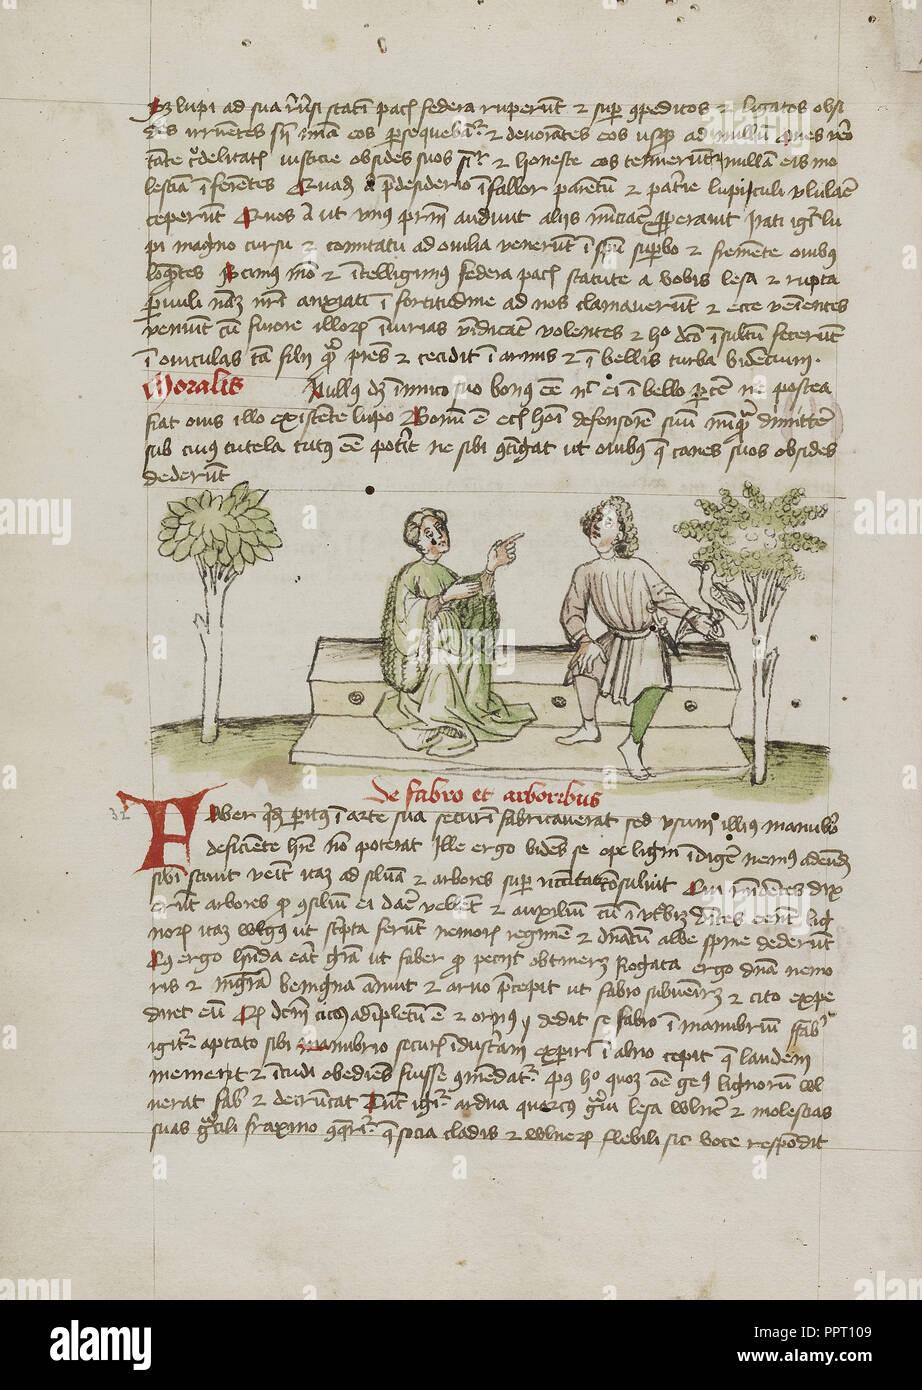 Une femme parlant à un cavalier; Trier, probablement, de l'Allemagne; troisième trimestre de 15e siècle, plume et encre noire et lavis de couleur Photo Stock